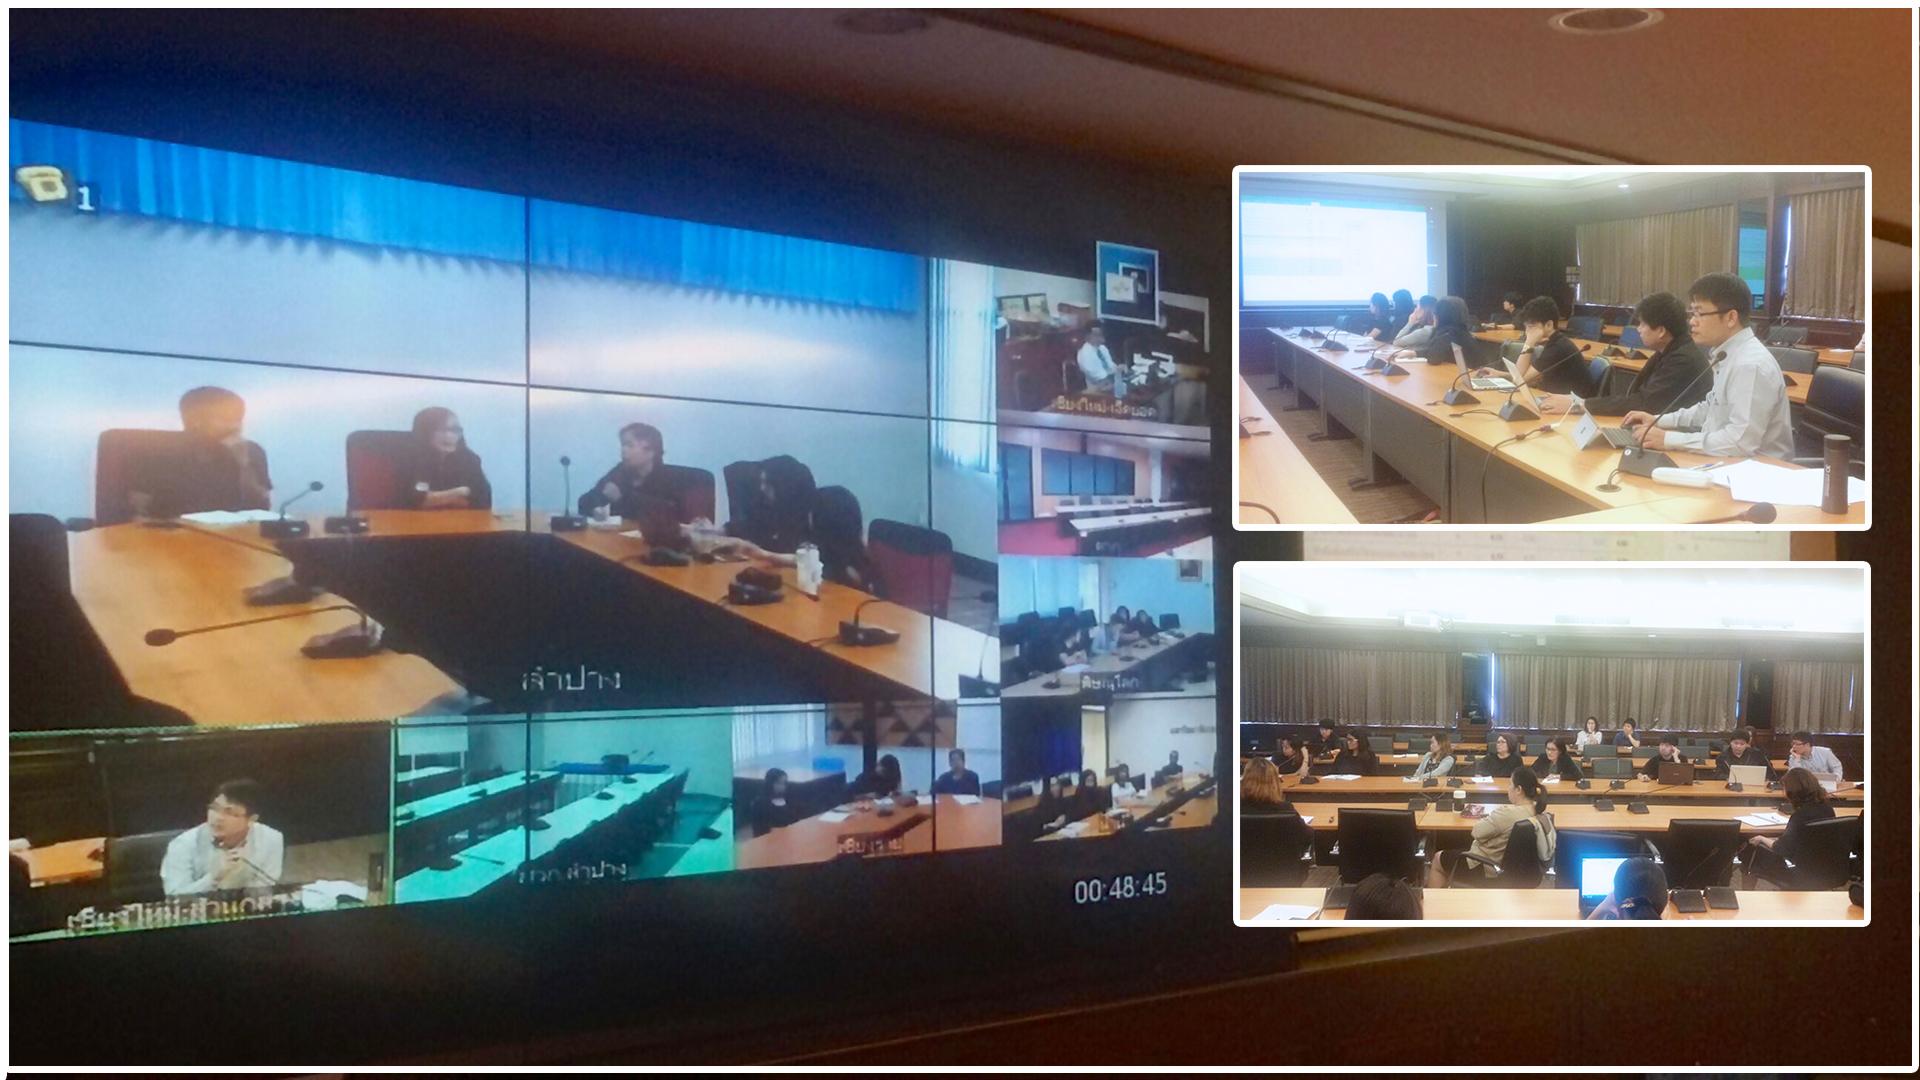 อมทร.ล และรองแผนฯ มอบ สวส. จัดประชุม Conference 6 พท. แก้ปัญหา ERP.